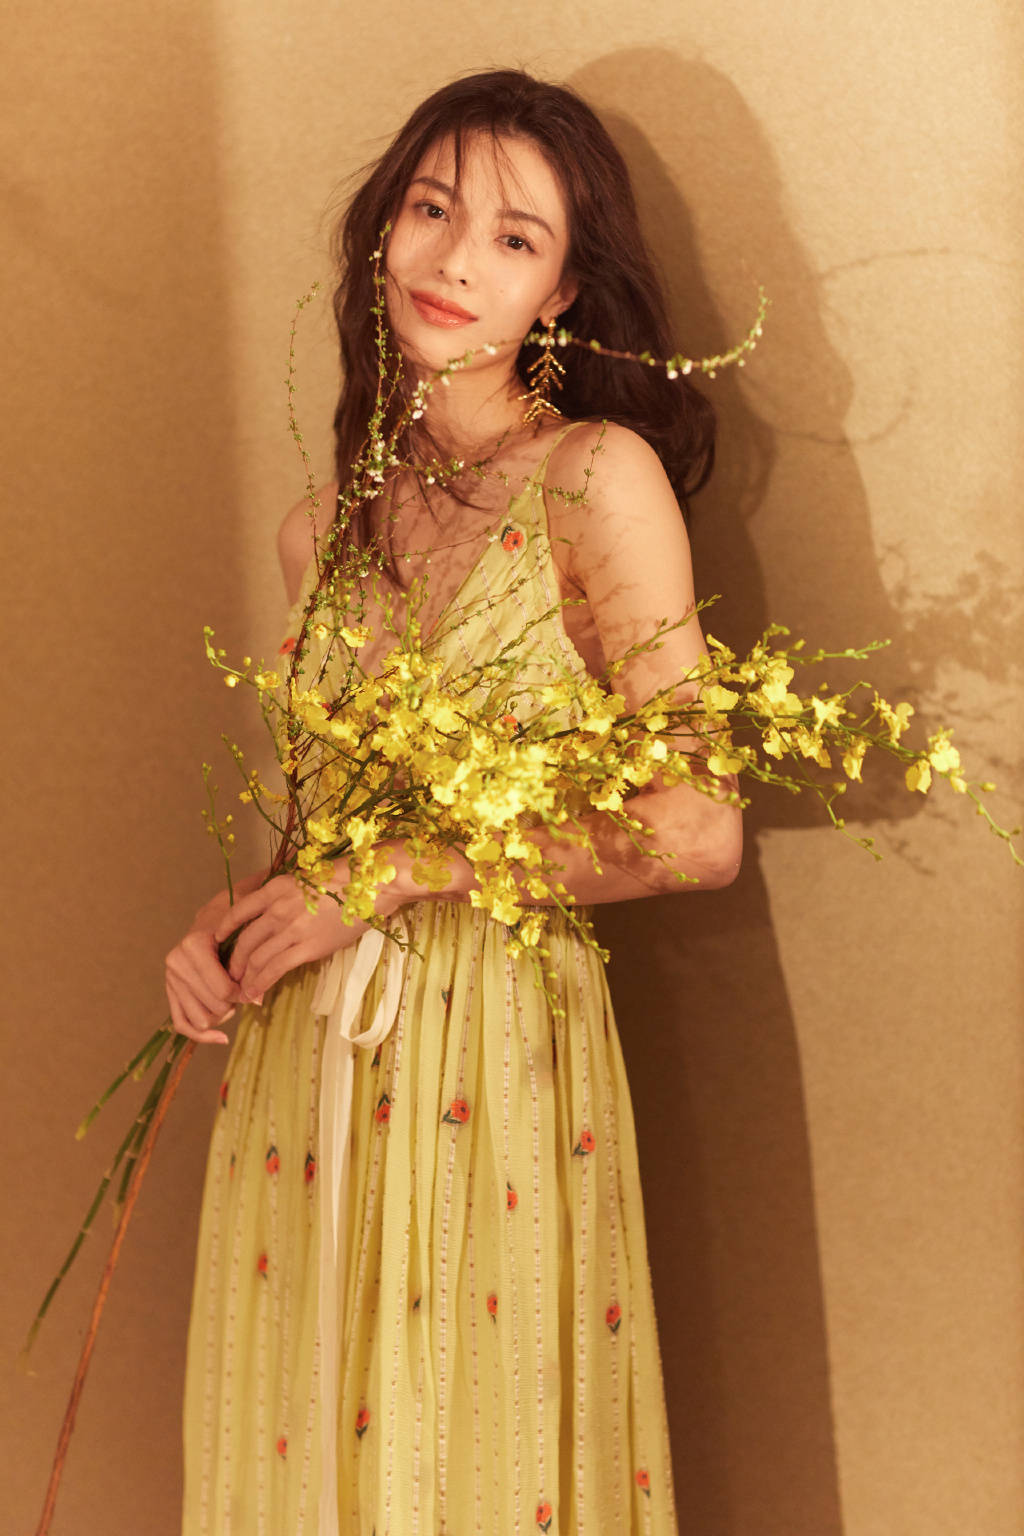 """原创             钟楚曦""""骨感""""的身材真迷人!羊毛卷发型搭配印花吊带,高贵优雅"""